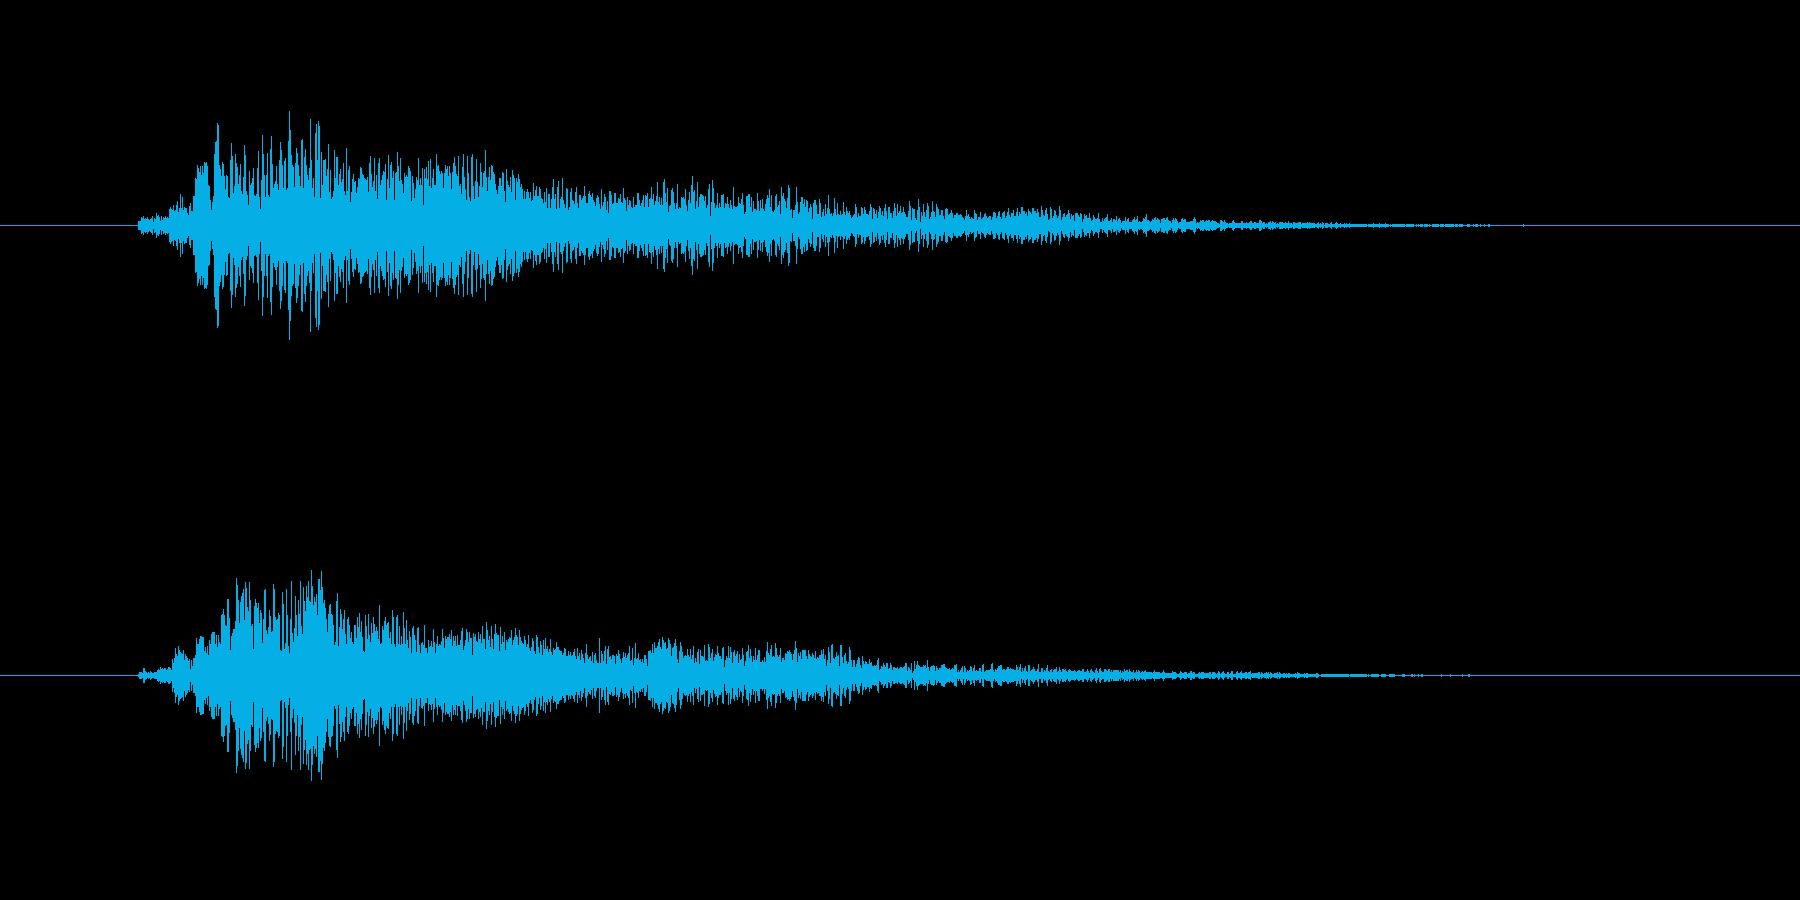 キラキラした弦楽器メロディーの再生済みの波形